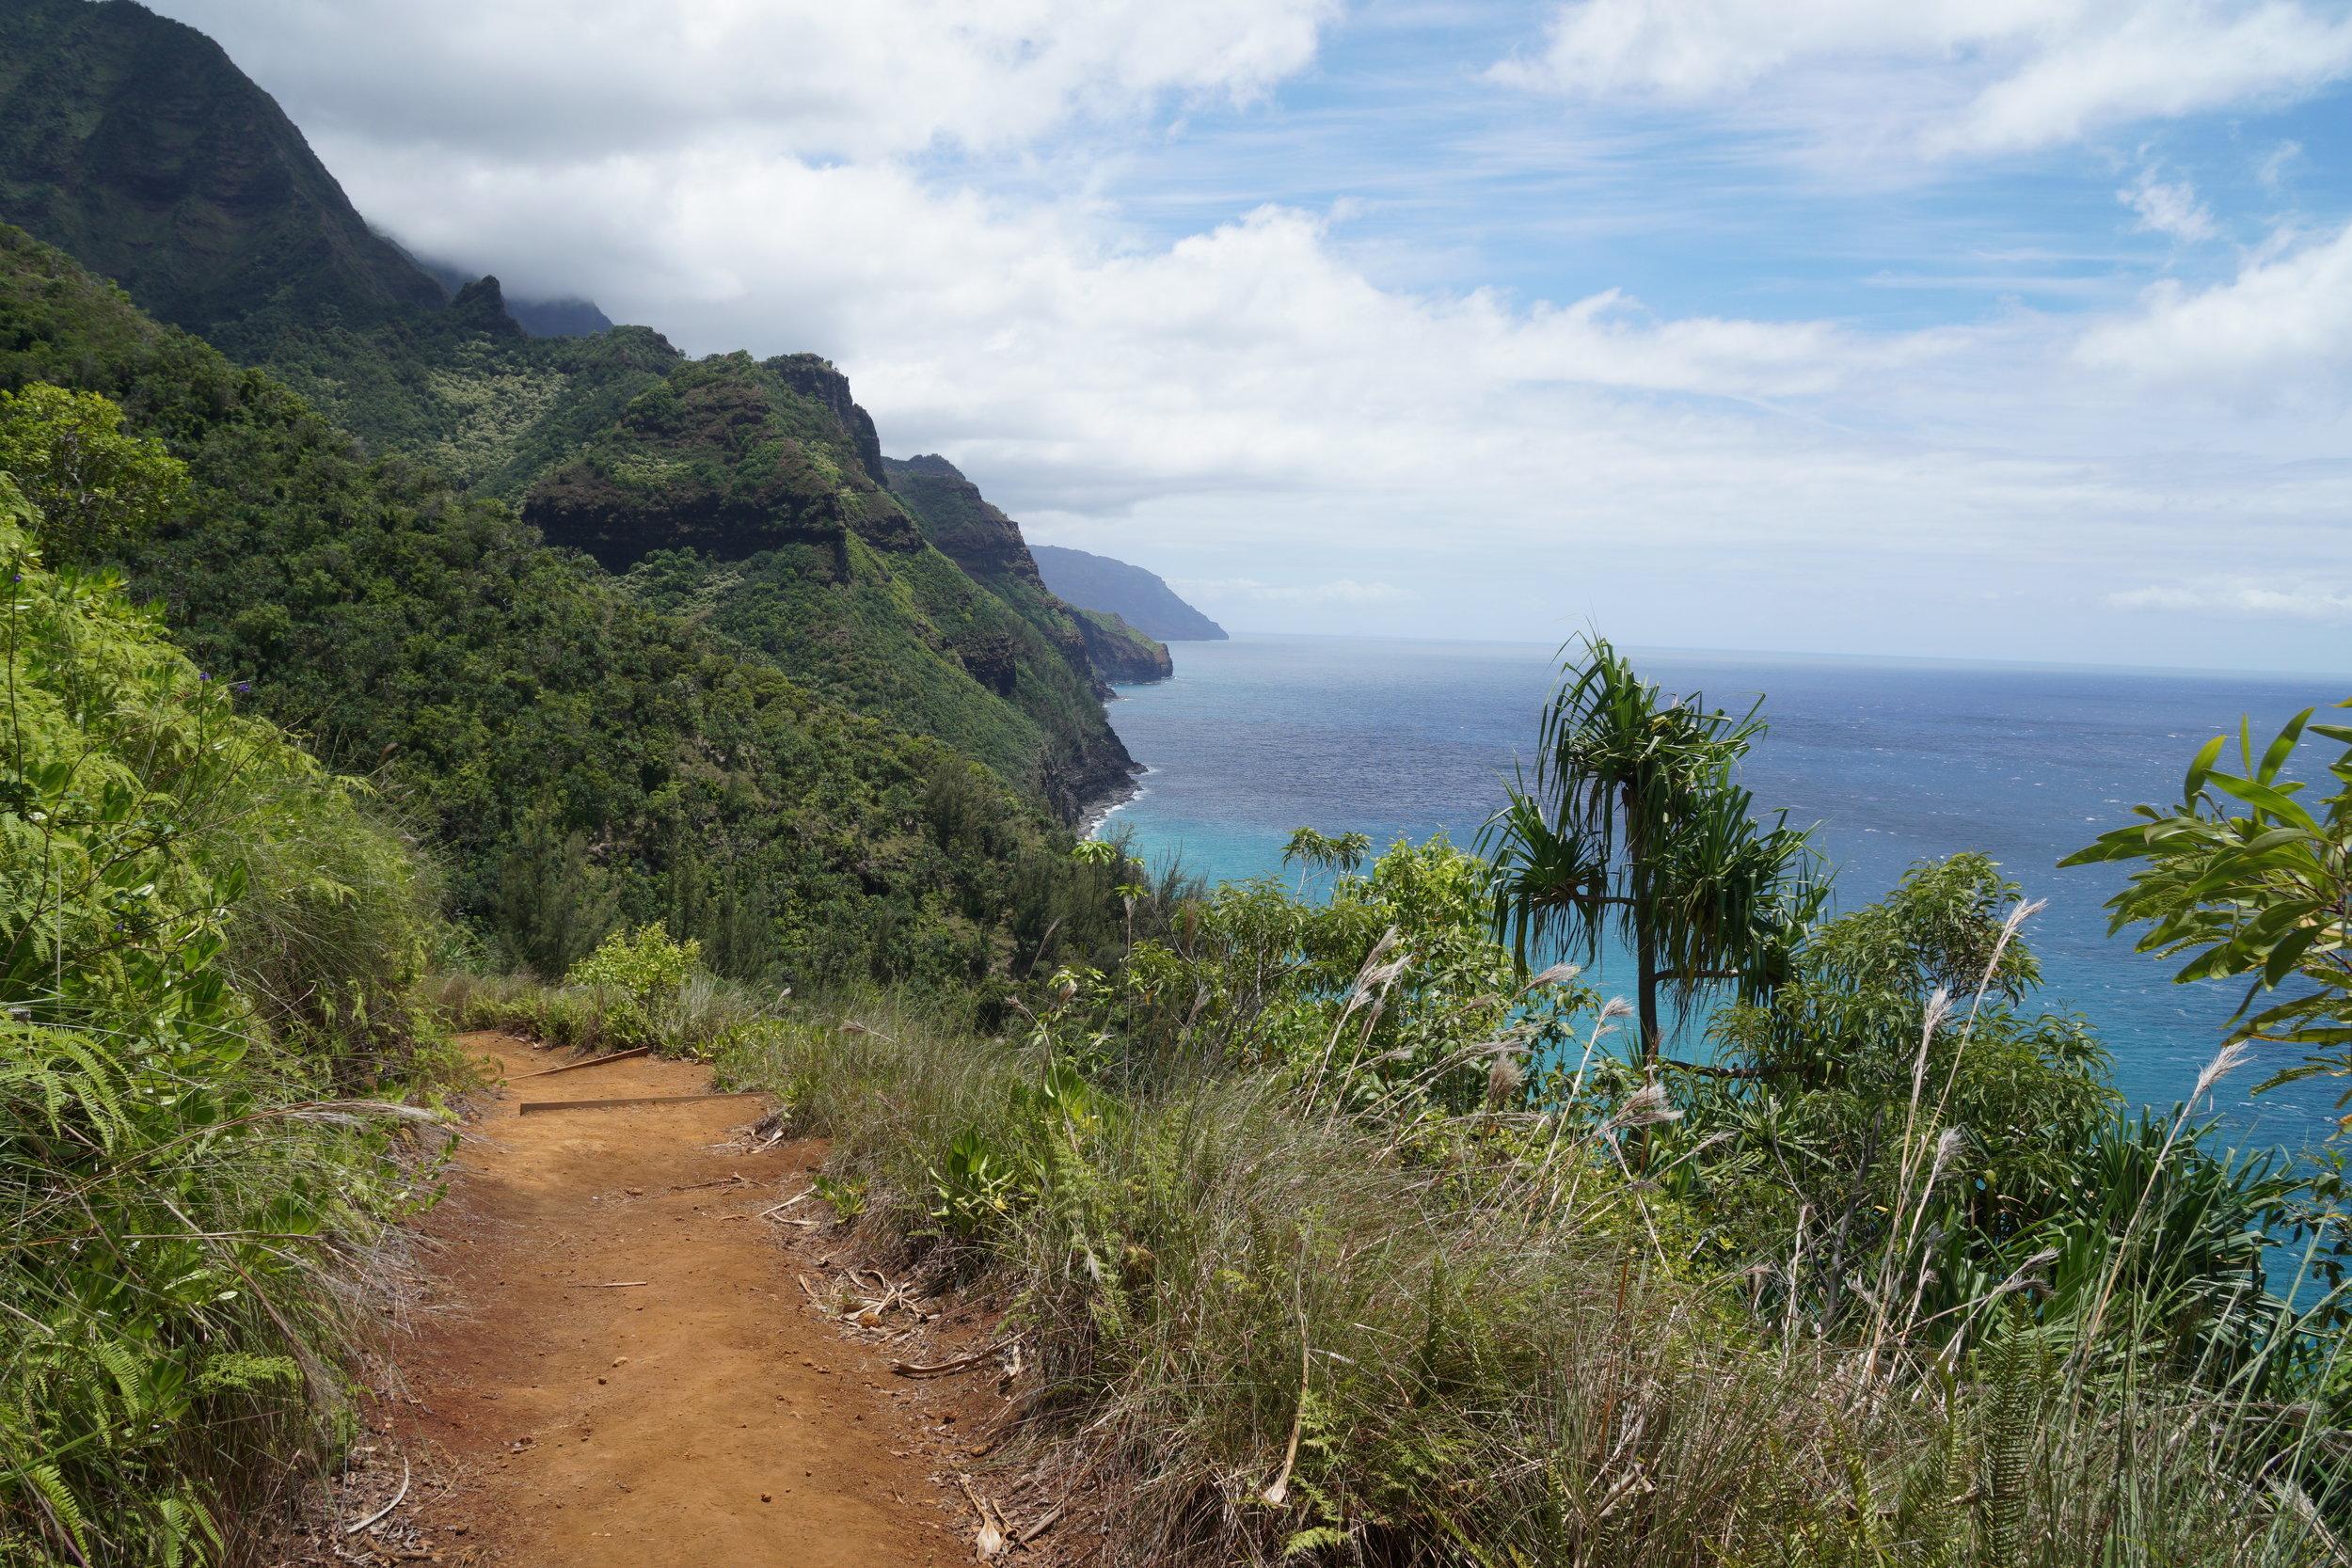 Der Trail wird von dieser spektakulären Kulisse begleitet!